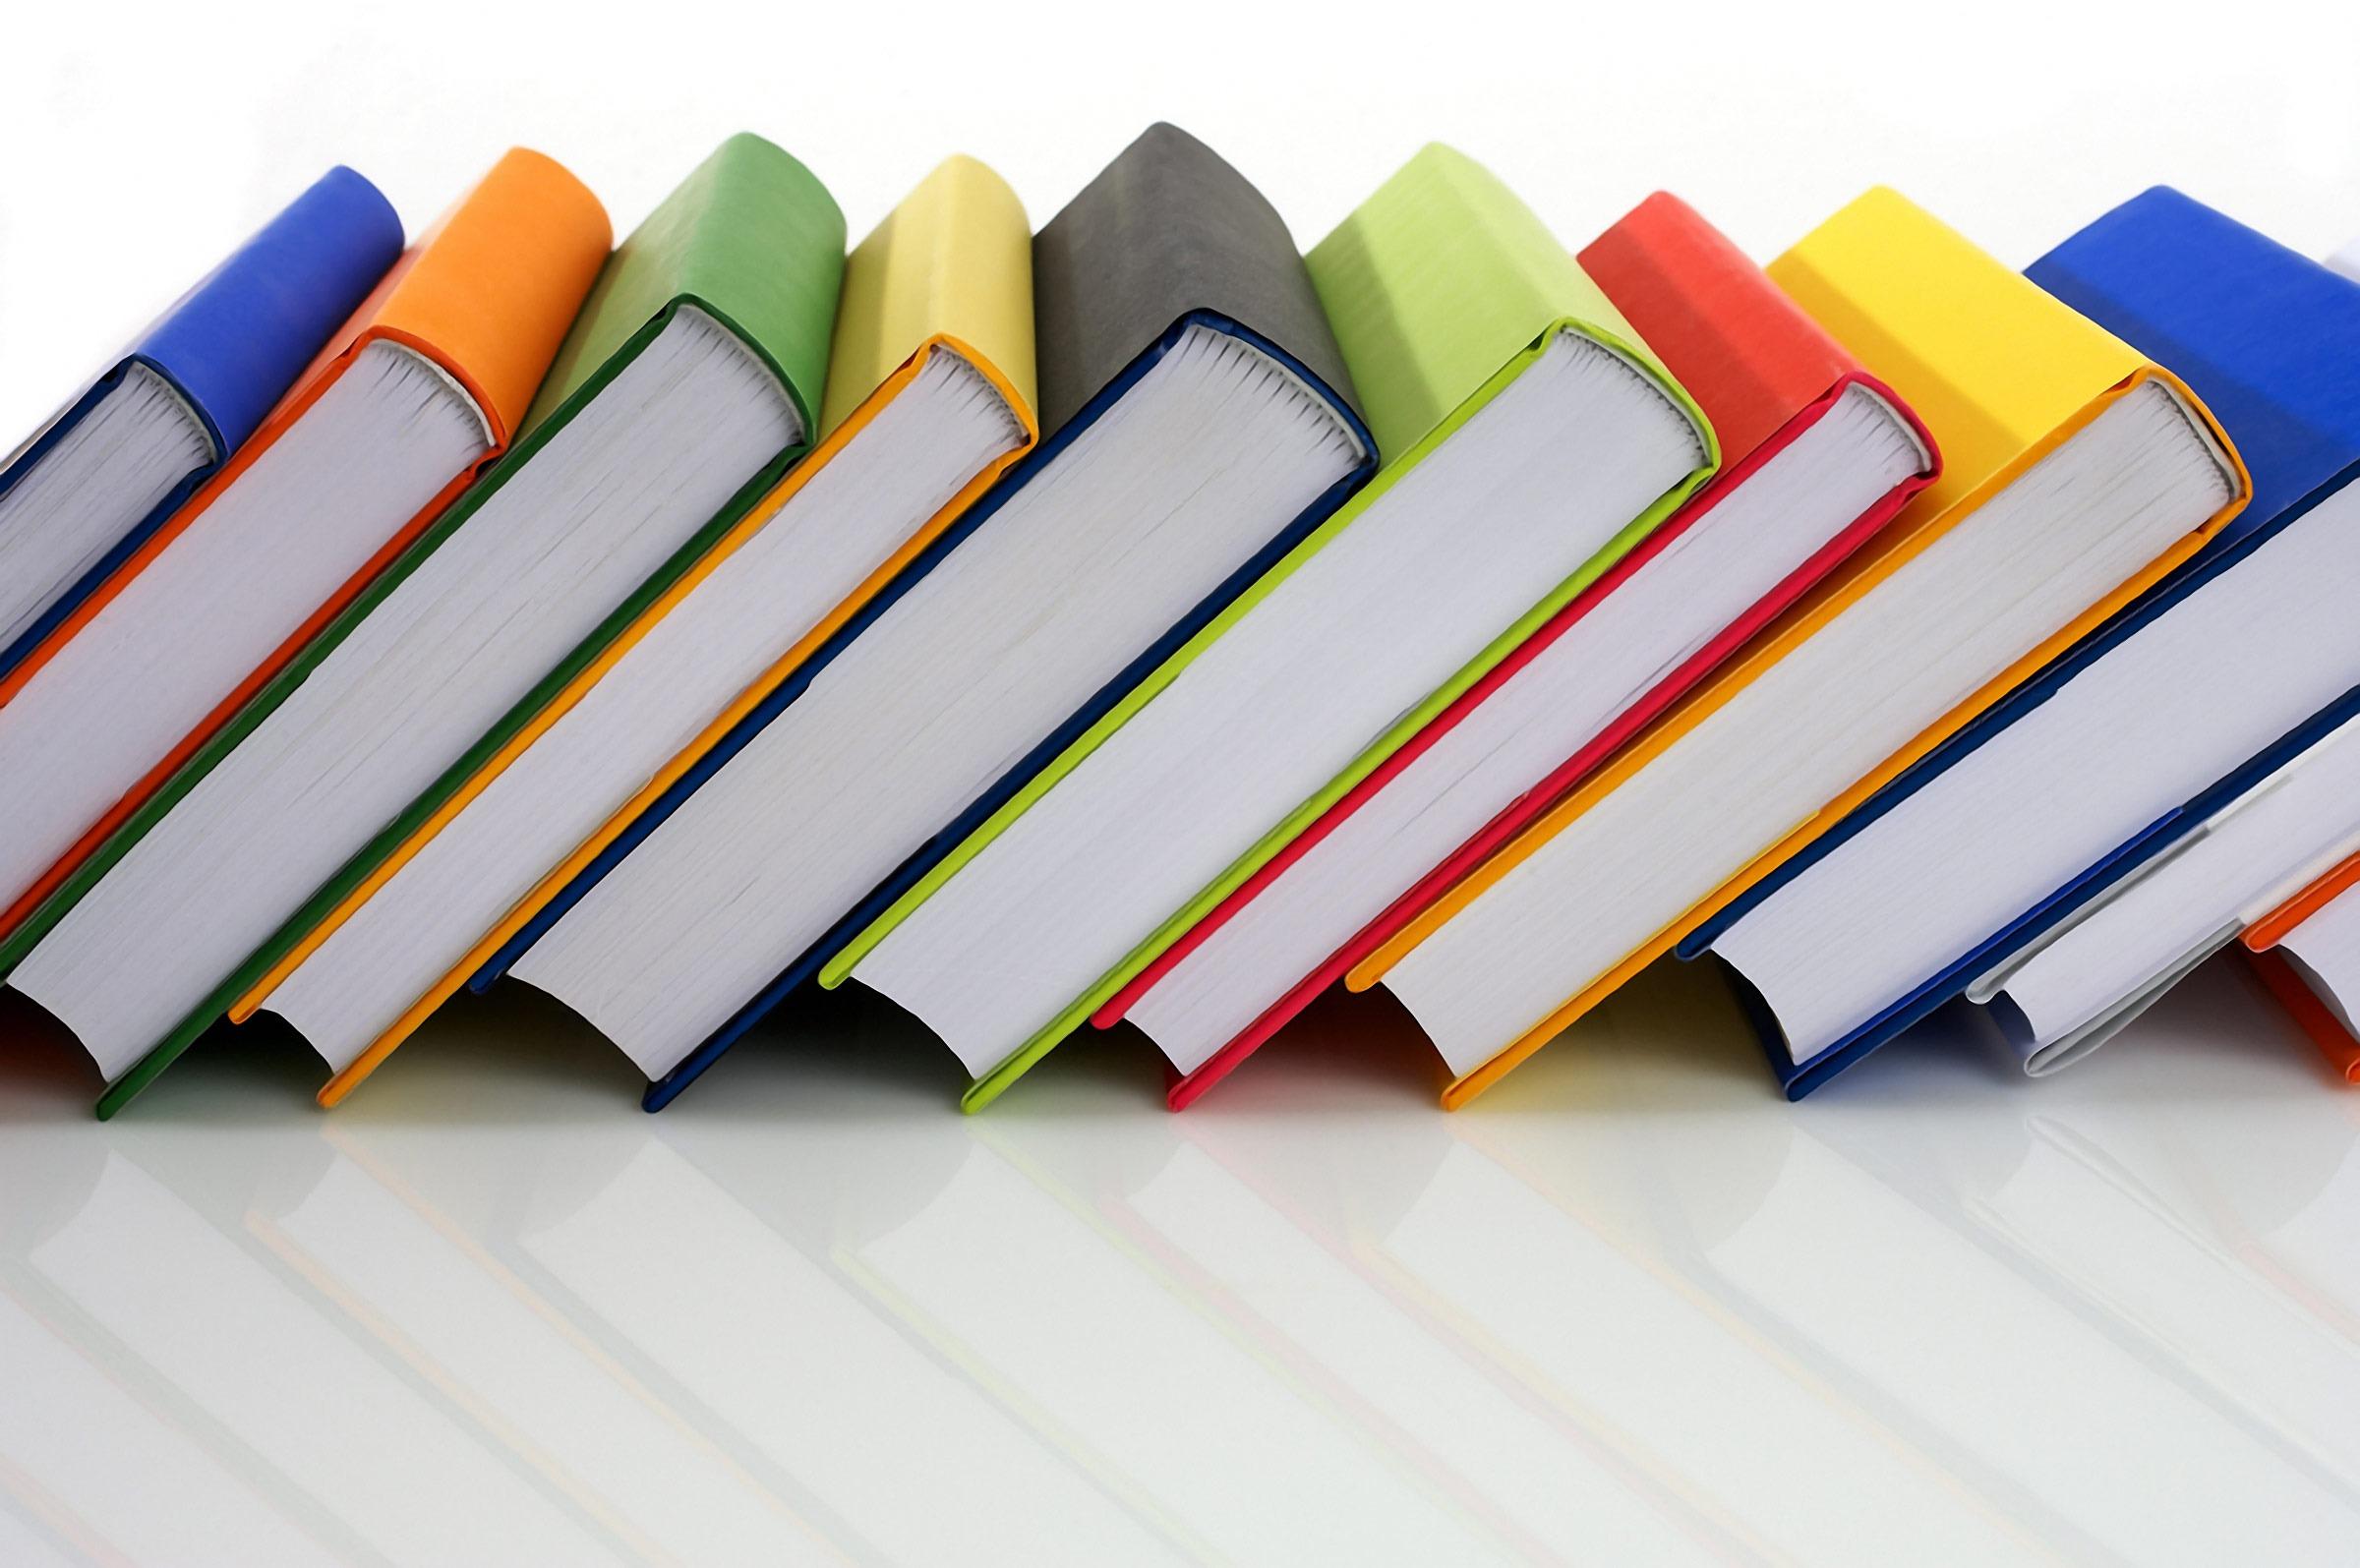 Richiesta libri in comodato d'uso gratuito, riapertura termini